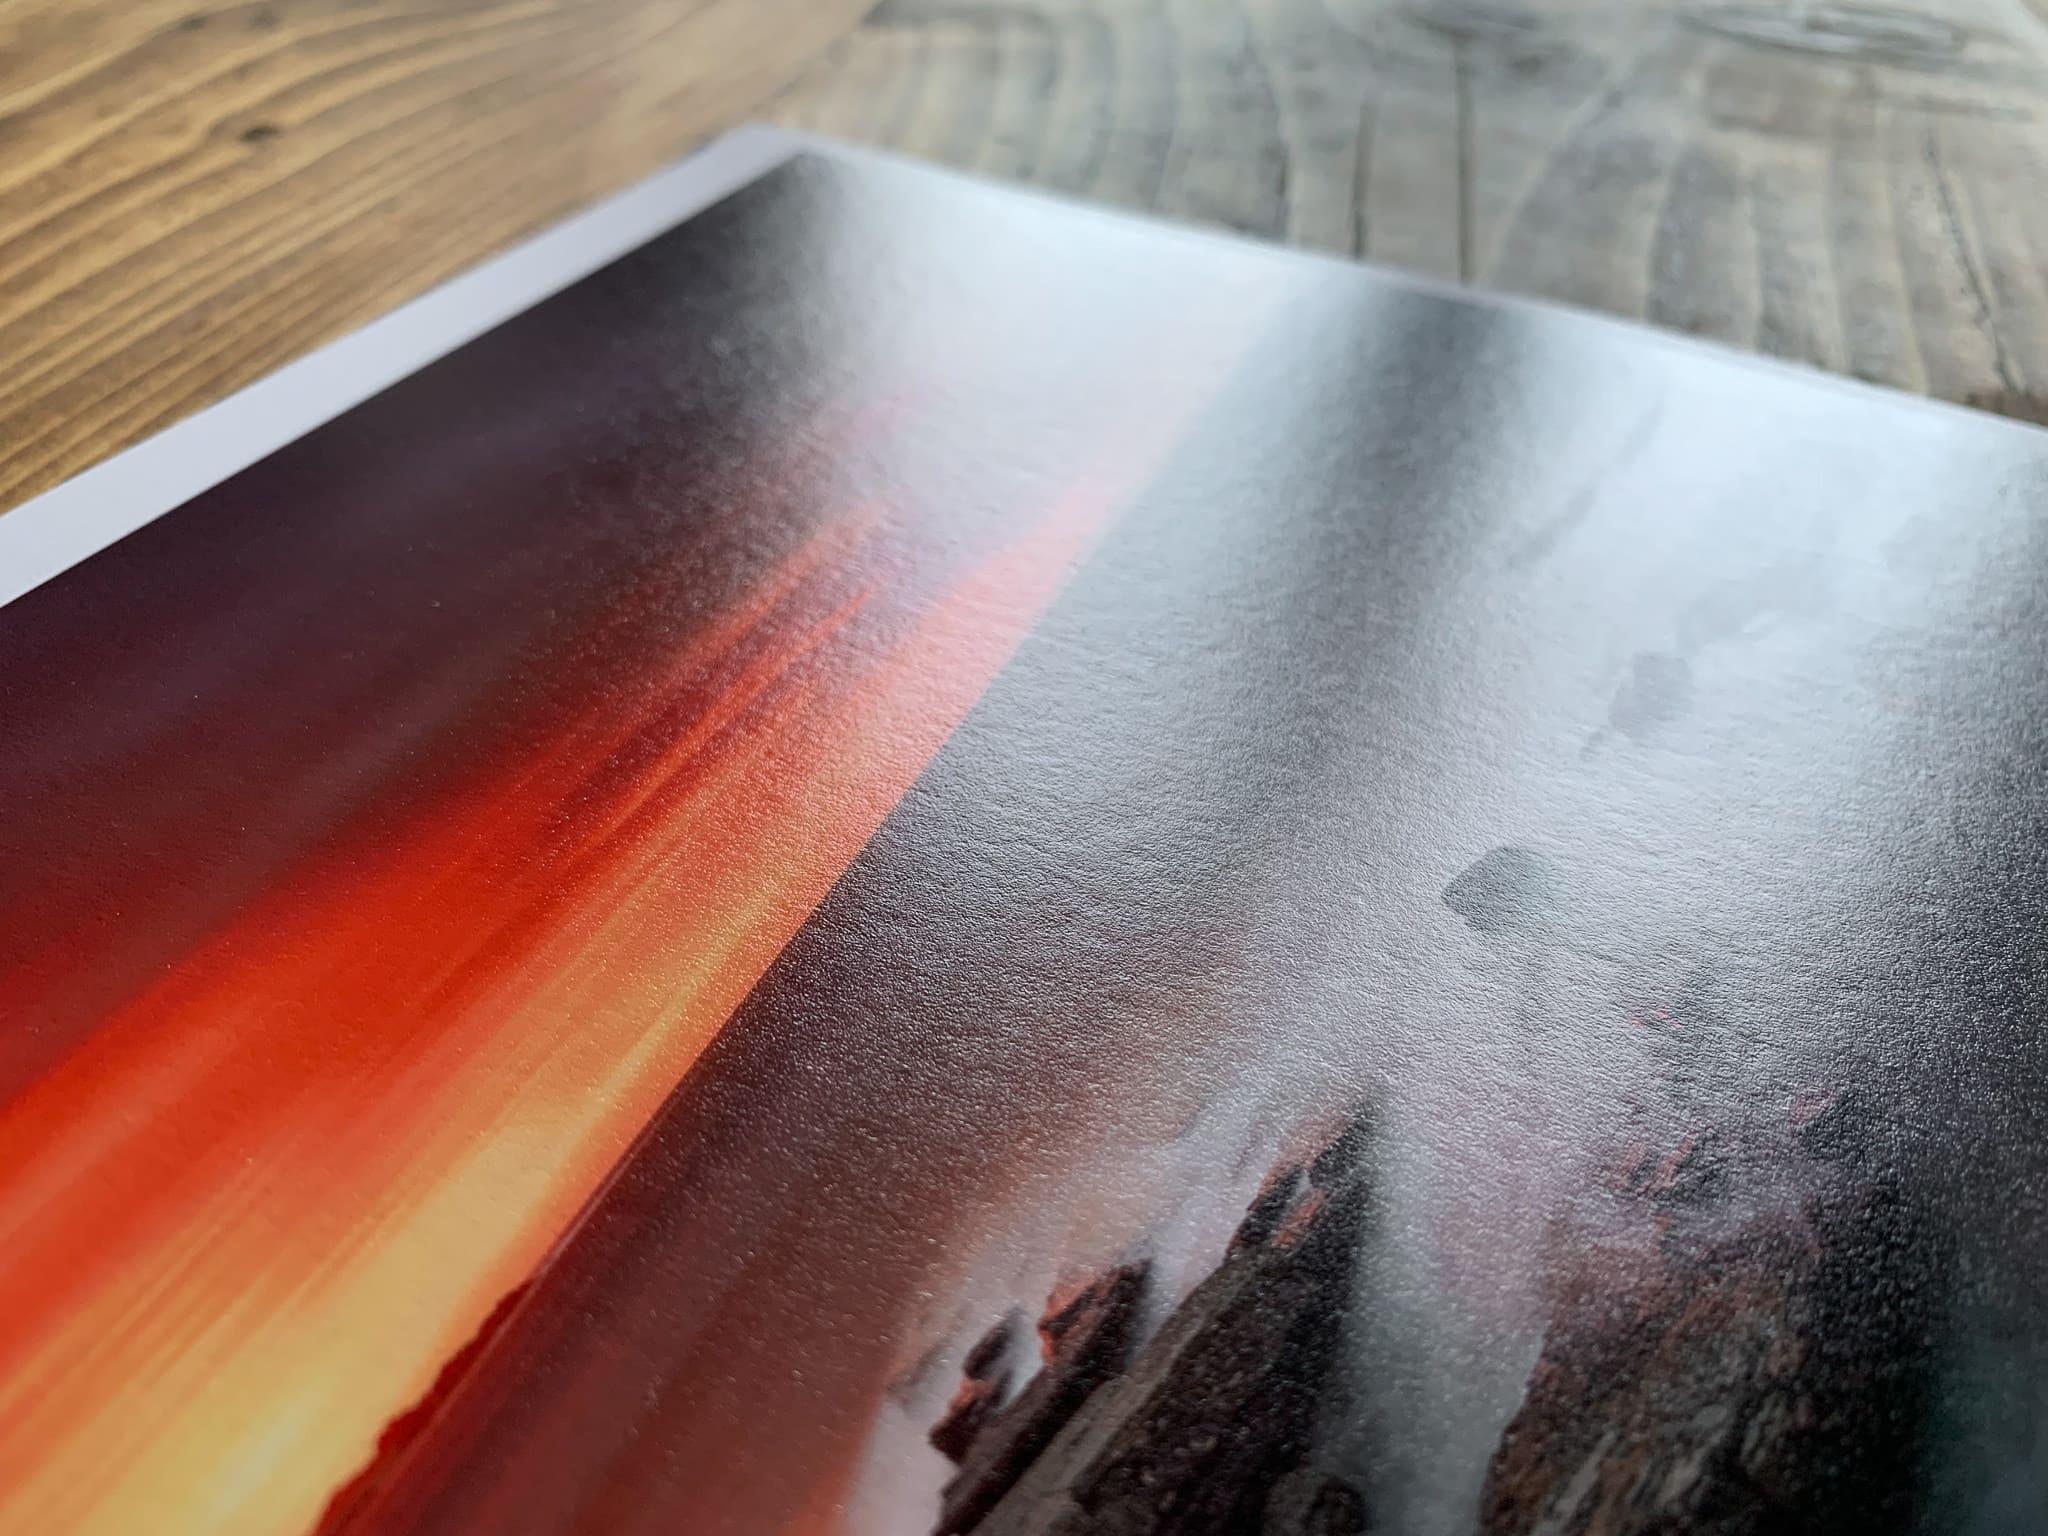 22 Francesco Gola Seascape Long Exposure Photography Review Best Fine Art Paper Hahnemuhle Hahnemühle